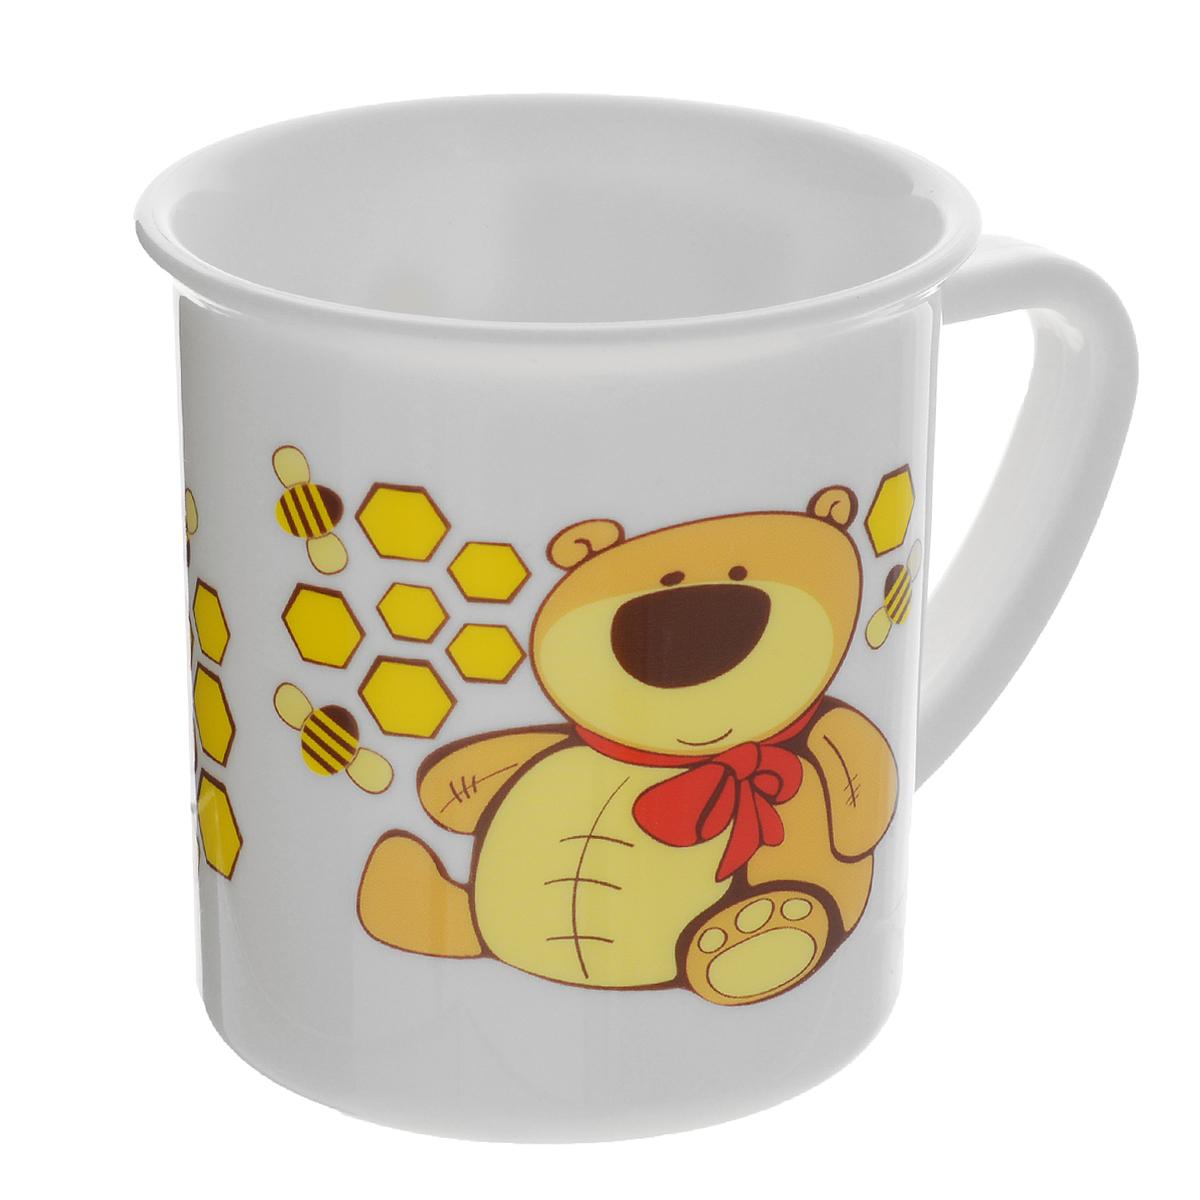 Canpol Babies Чашка детская Мишка цвет желтый4/413_желтый/мишкаДетская чашка Canpol Babies предназначена для того, чтобы приучить малыша пить из посуды для взрослых. Чашка выполнена из безопасного полипропилена и оформлена изображением забавного котика. Чашка выглядит совсем как обычная, однако она меньше по объему. Если случайно малыш уронит чашку, то она не разобьется.